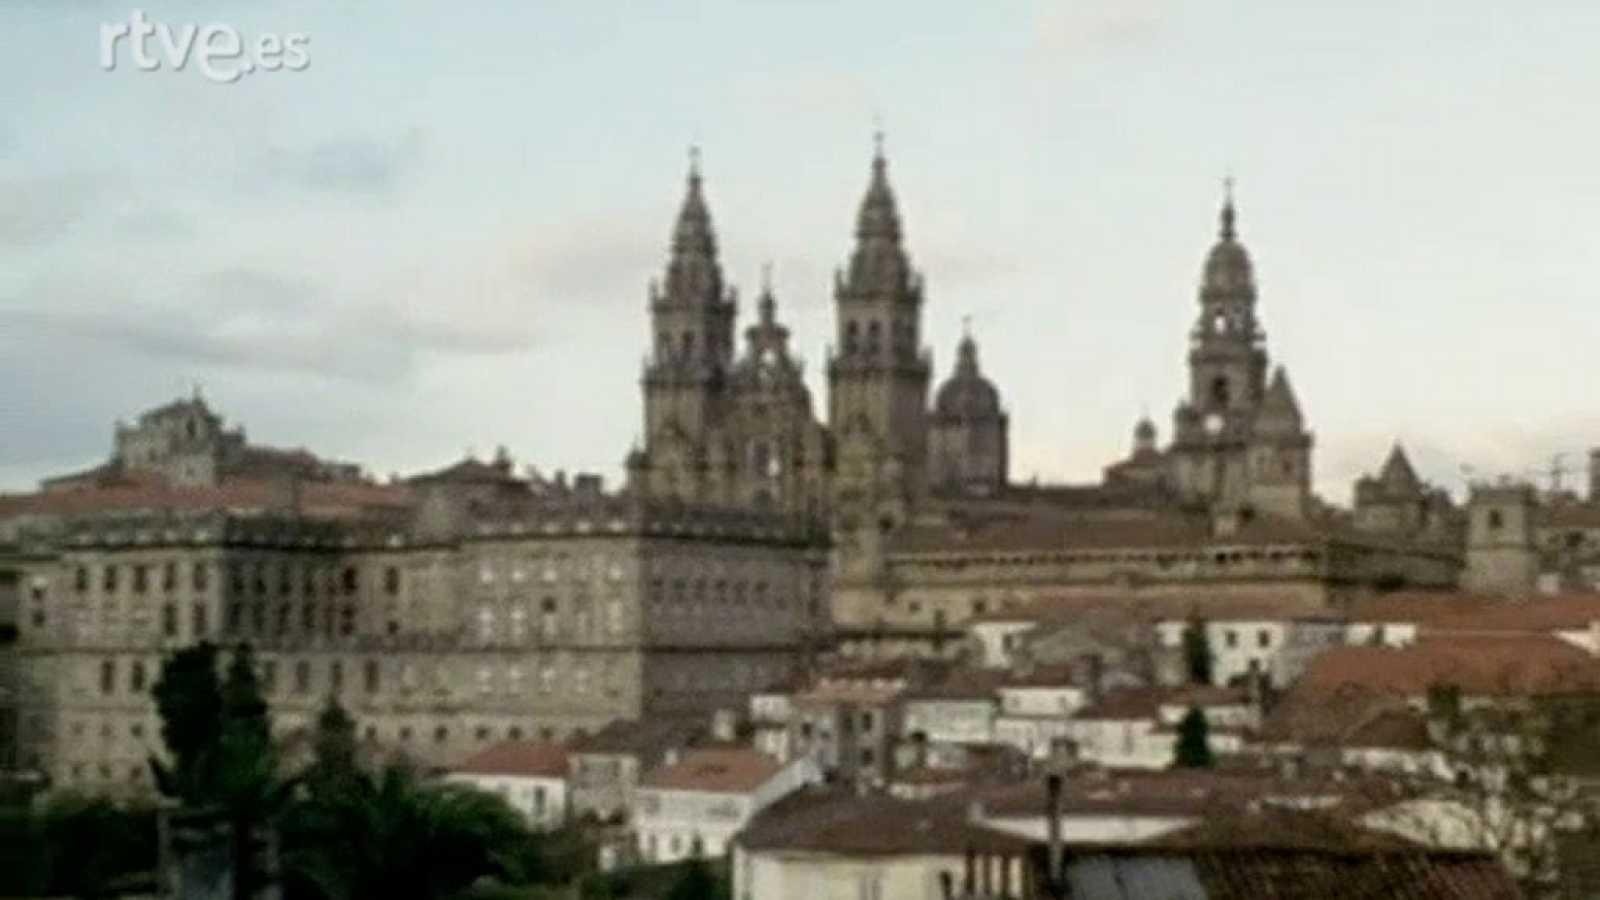 Arte y tradiciones populares arquitectura popular en galicia santiago de compostela - Santiago de compostela arquitectura ...